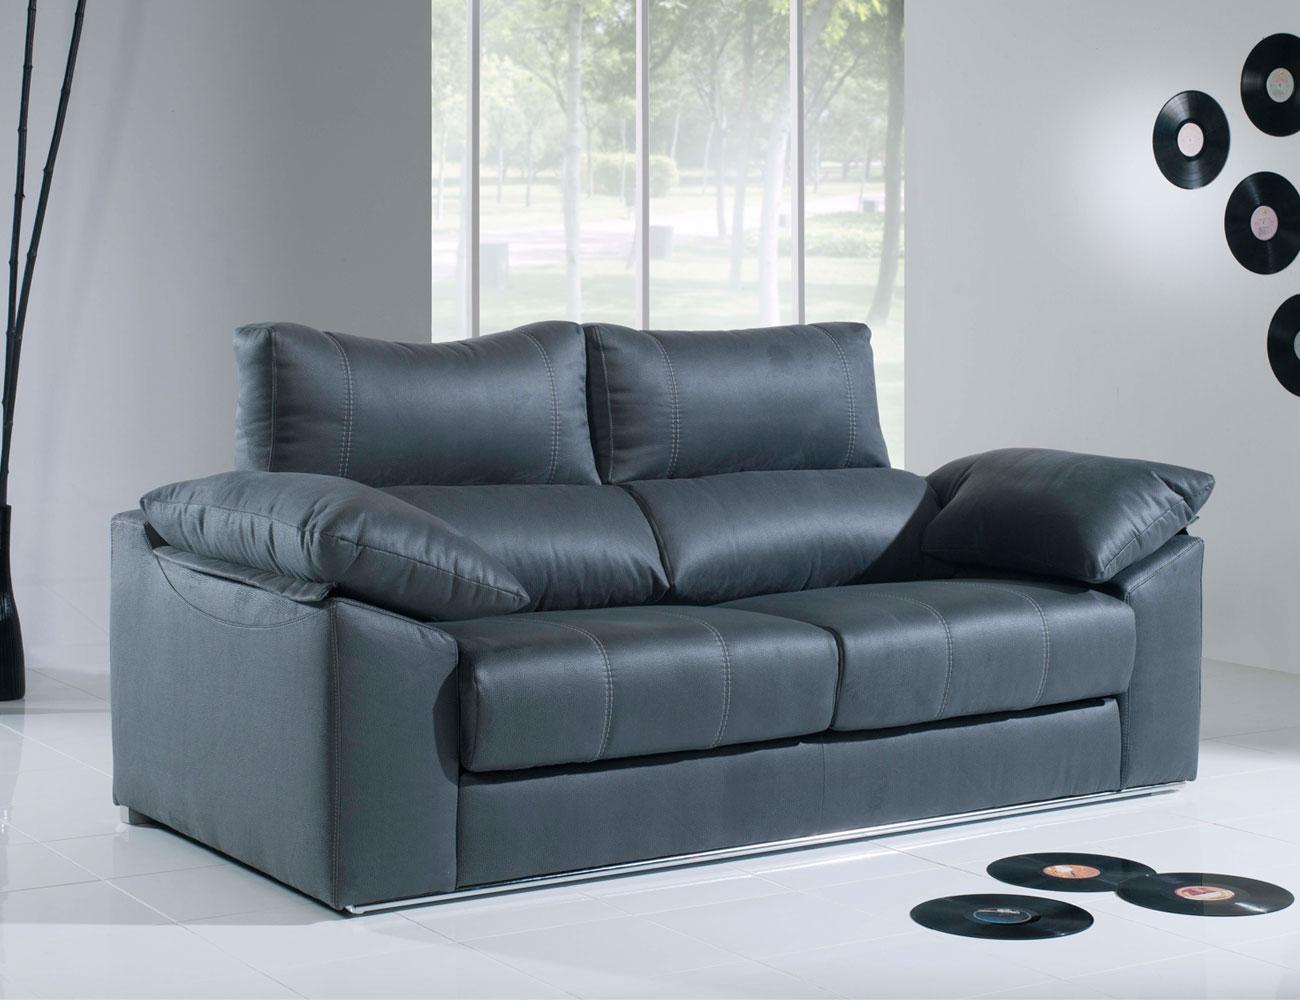 Sofa 3 plazas moderno con barra14